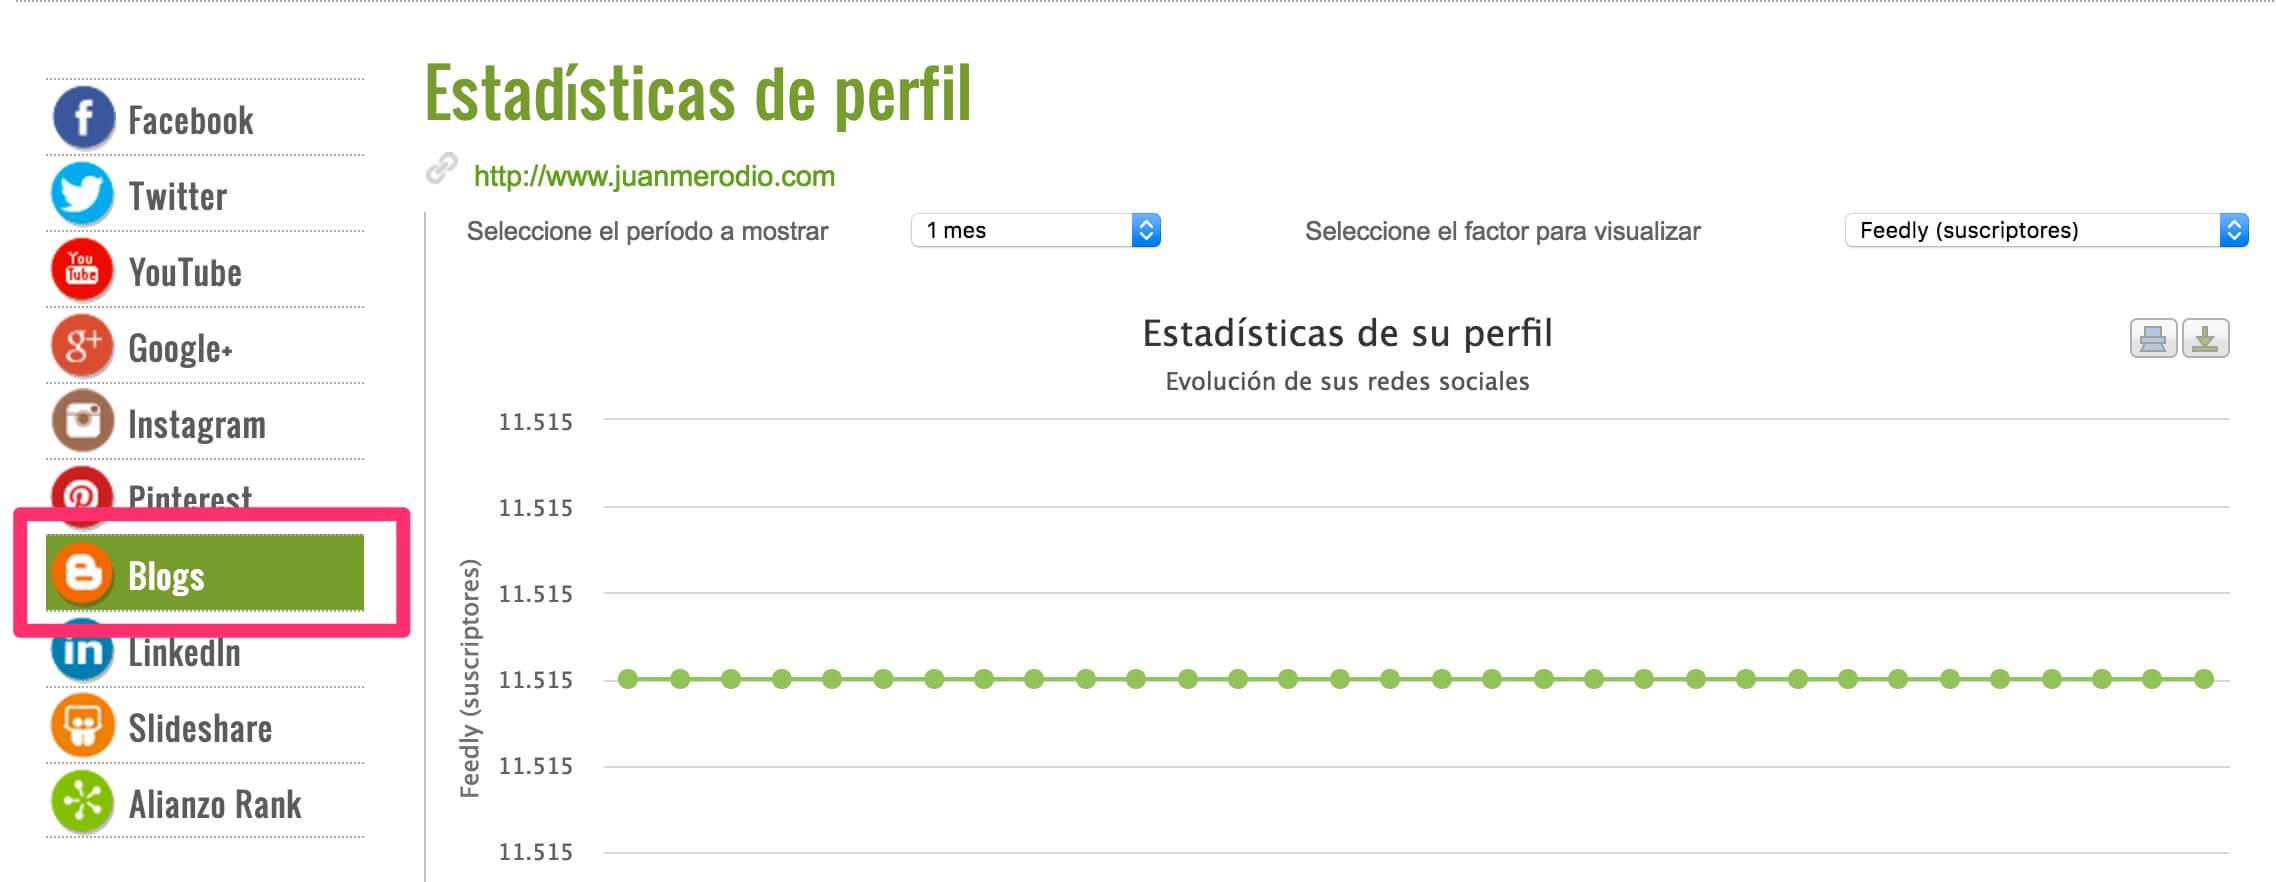 alianzo-3 El mejor contenido viral de marketing digital en español y cómo lo he encontrado